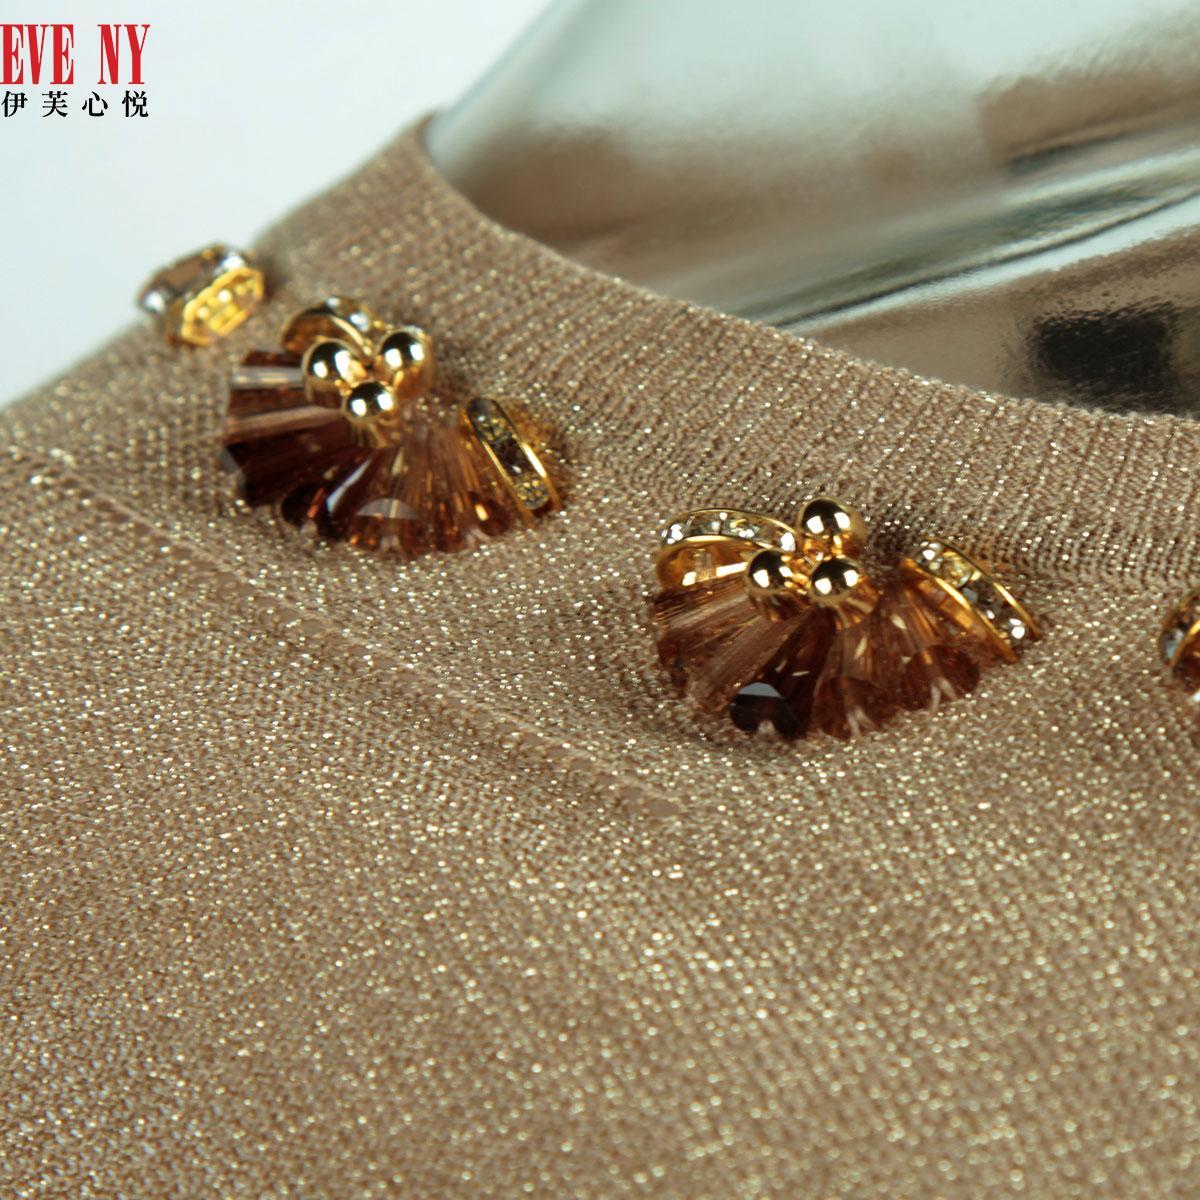 春季新品熟女钉珠领口九分袖针织衫 OL 伊芙心悦 EVENY 专柜正品